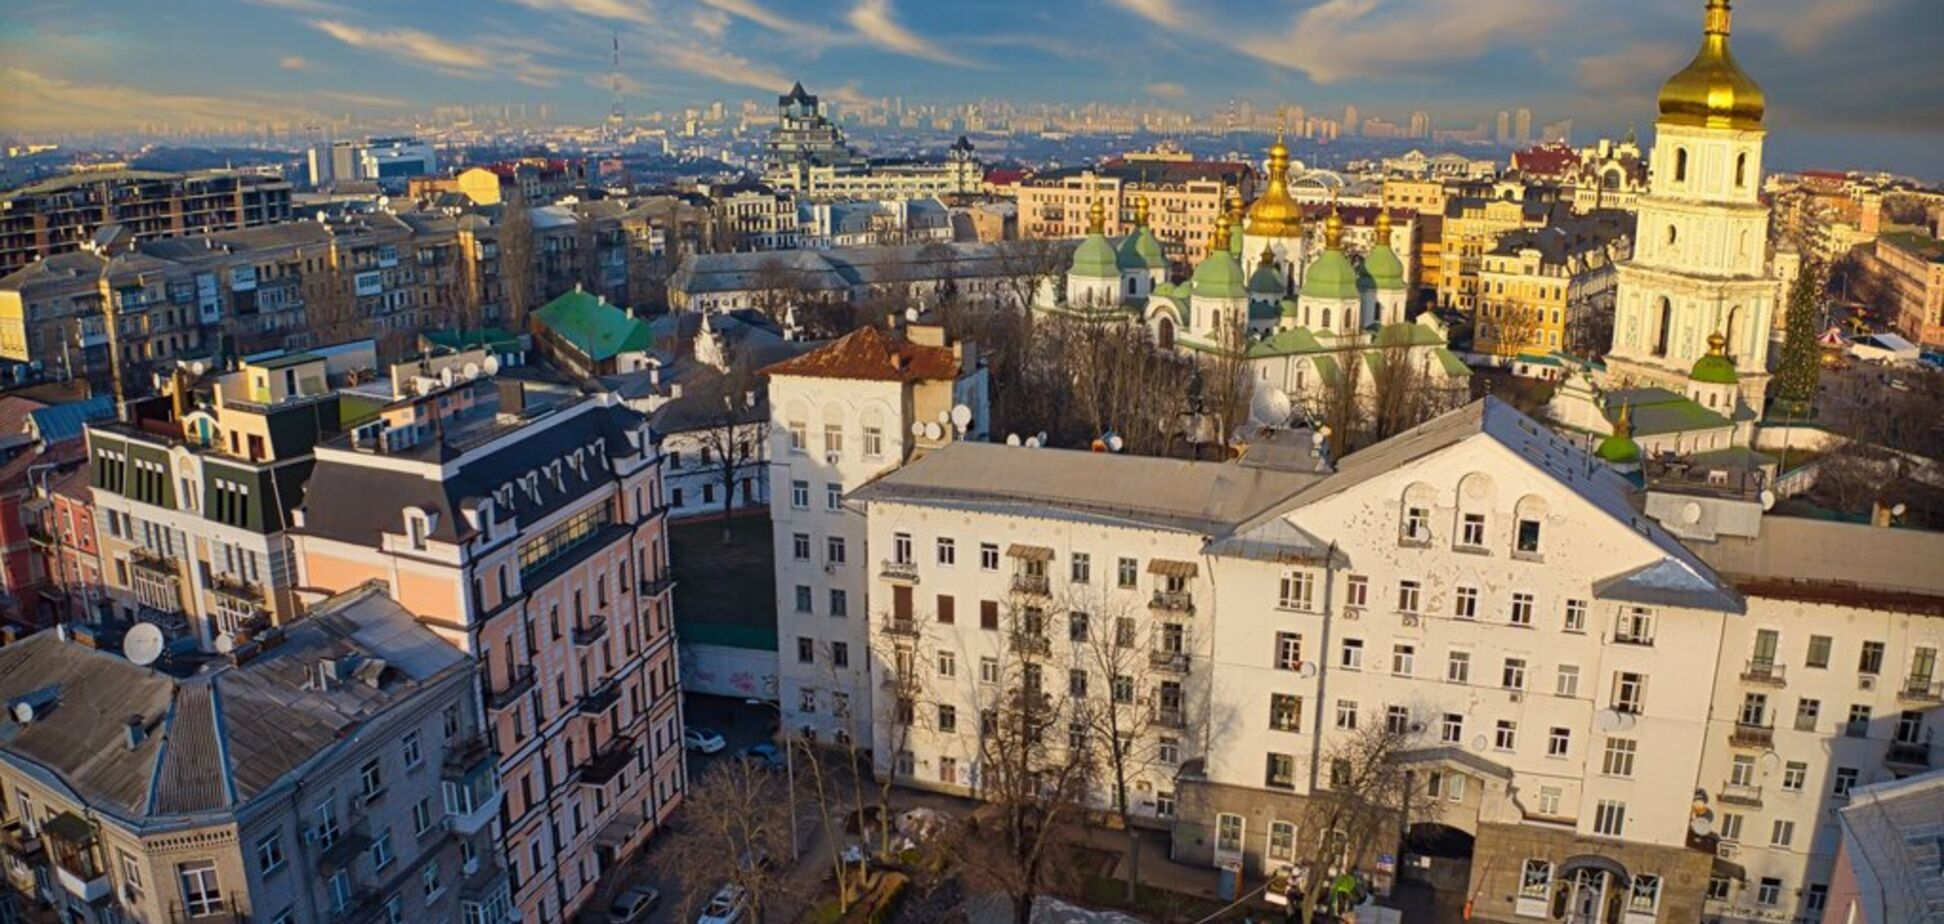 В Киеве открыли необычный экопарк с солнечными панелями: фото